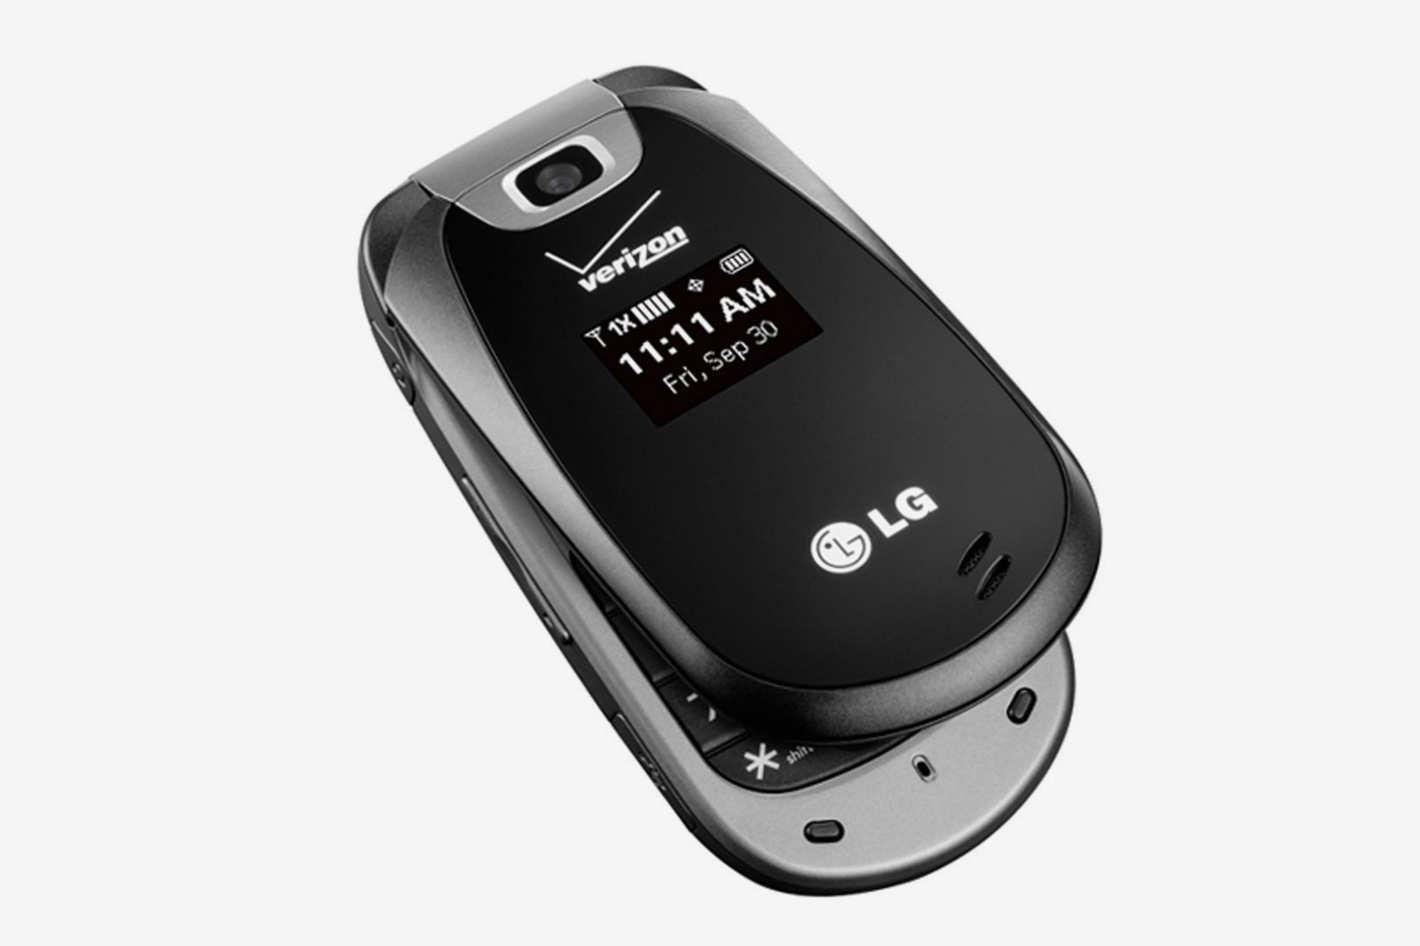 LG VN150 Revere Cell Phone